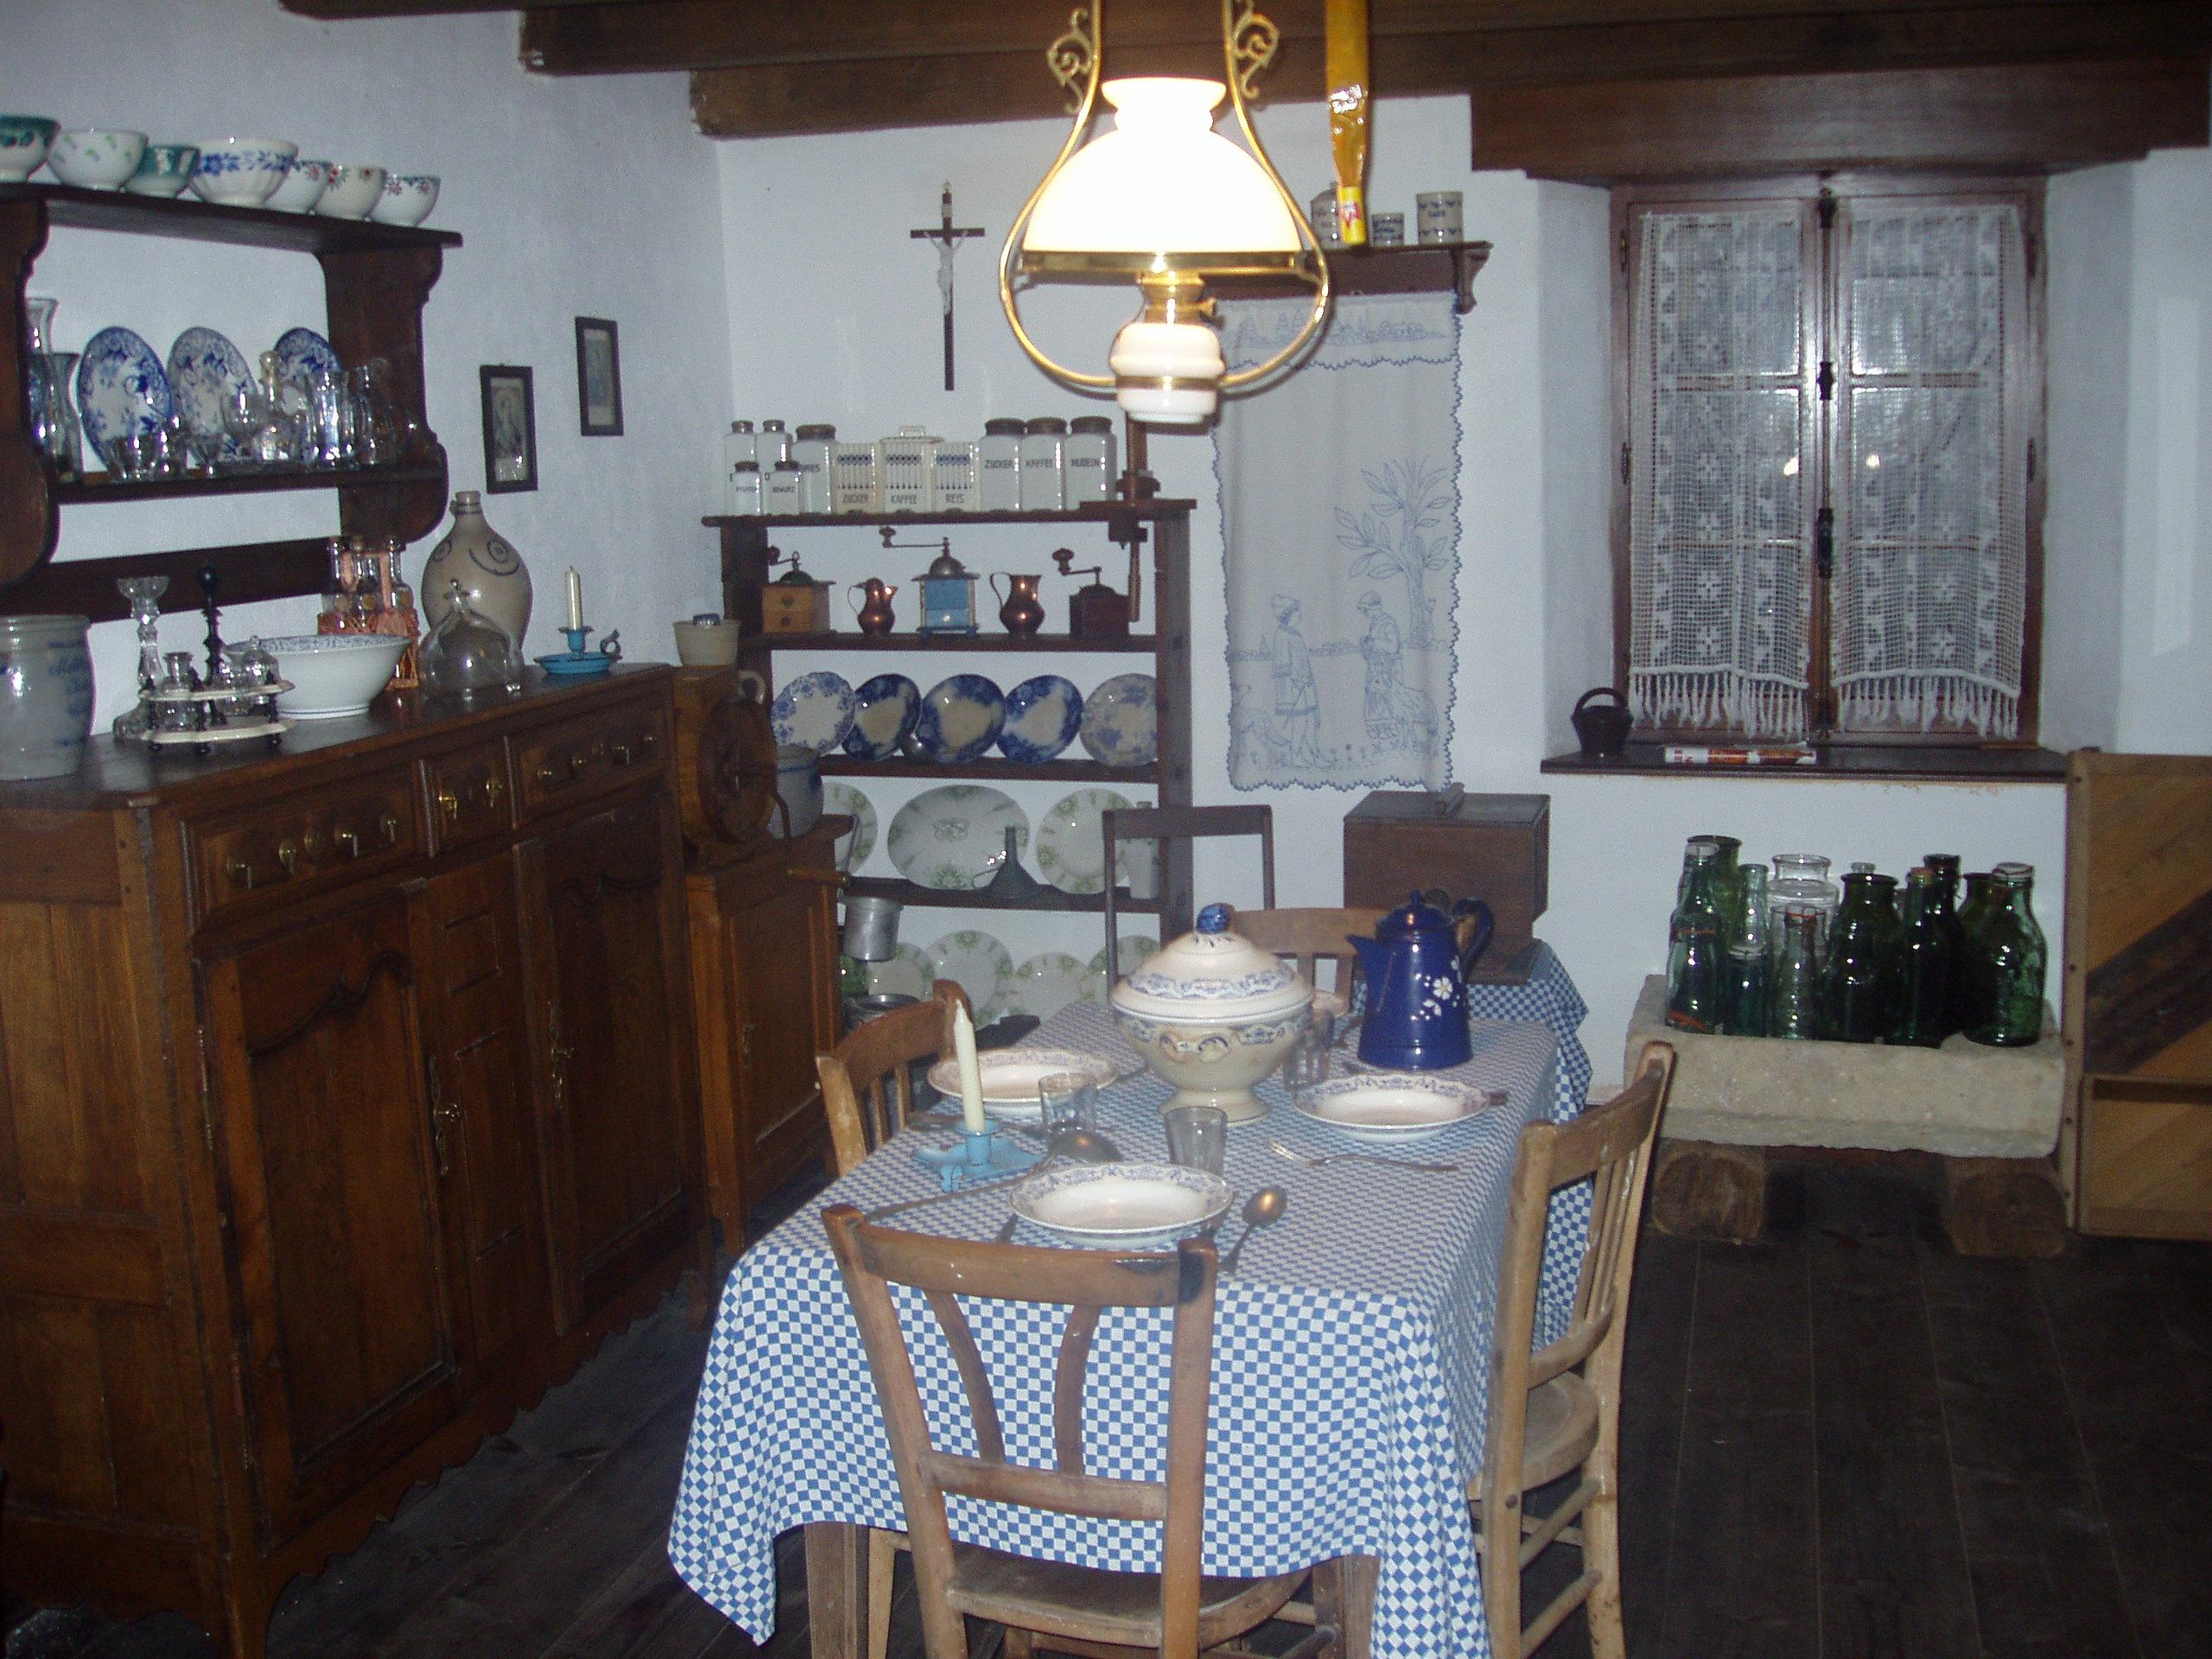 Ble archives la vieille maison lorraine de gomelange f te ses 300 ans - Interieurs de maison ...